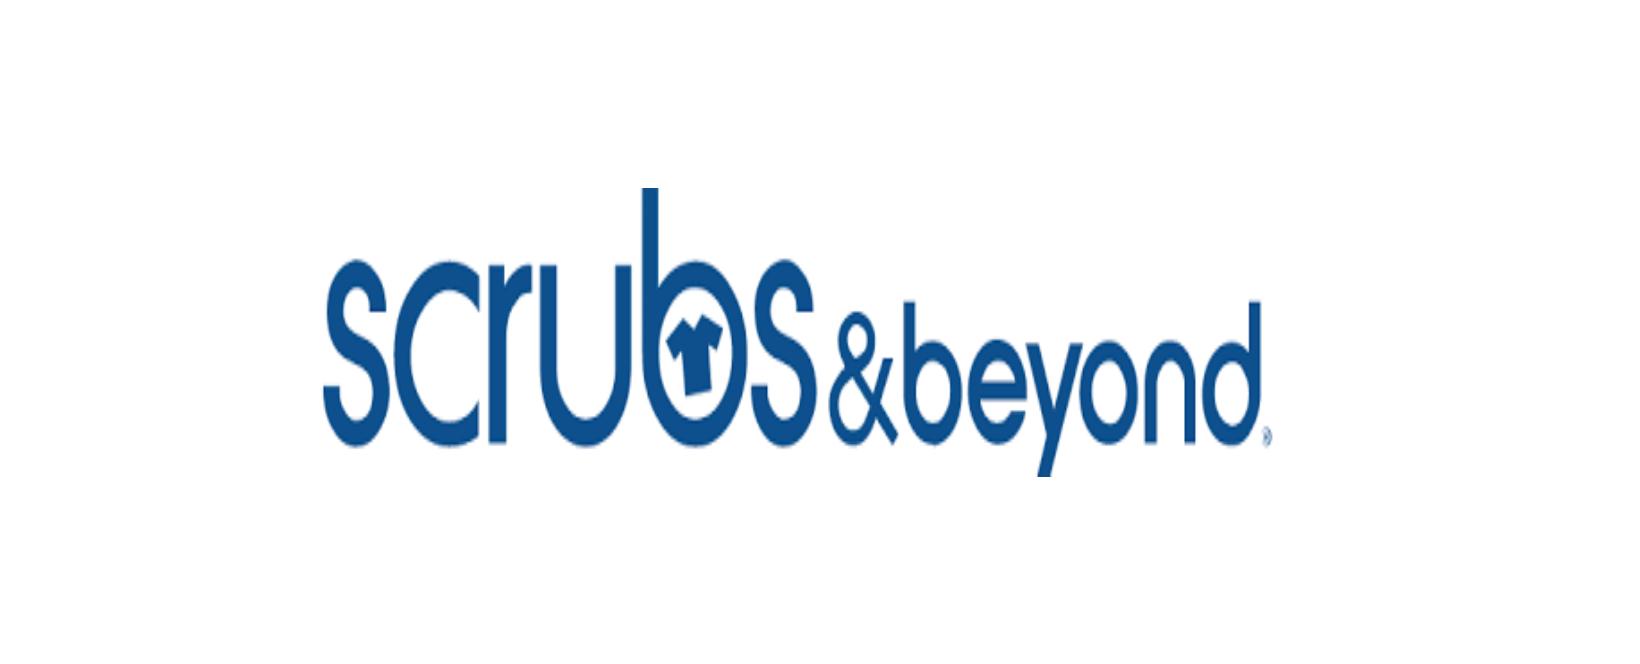 Scrubs & Beyond Discount Code 2021